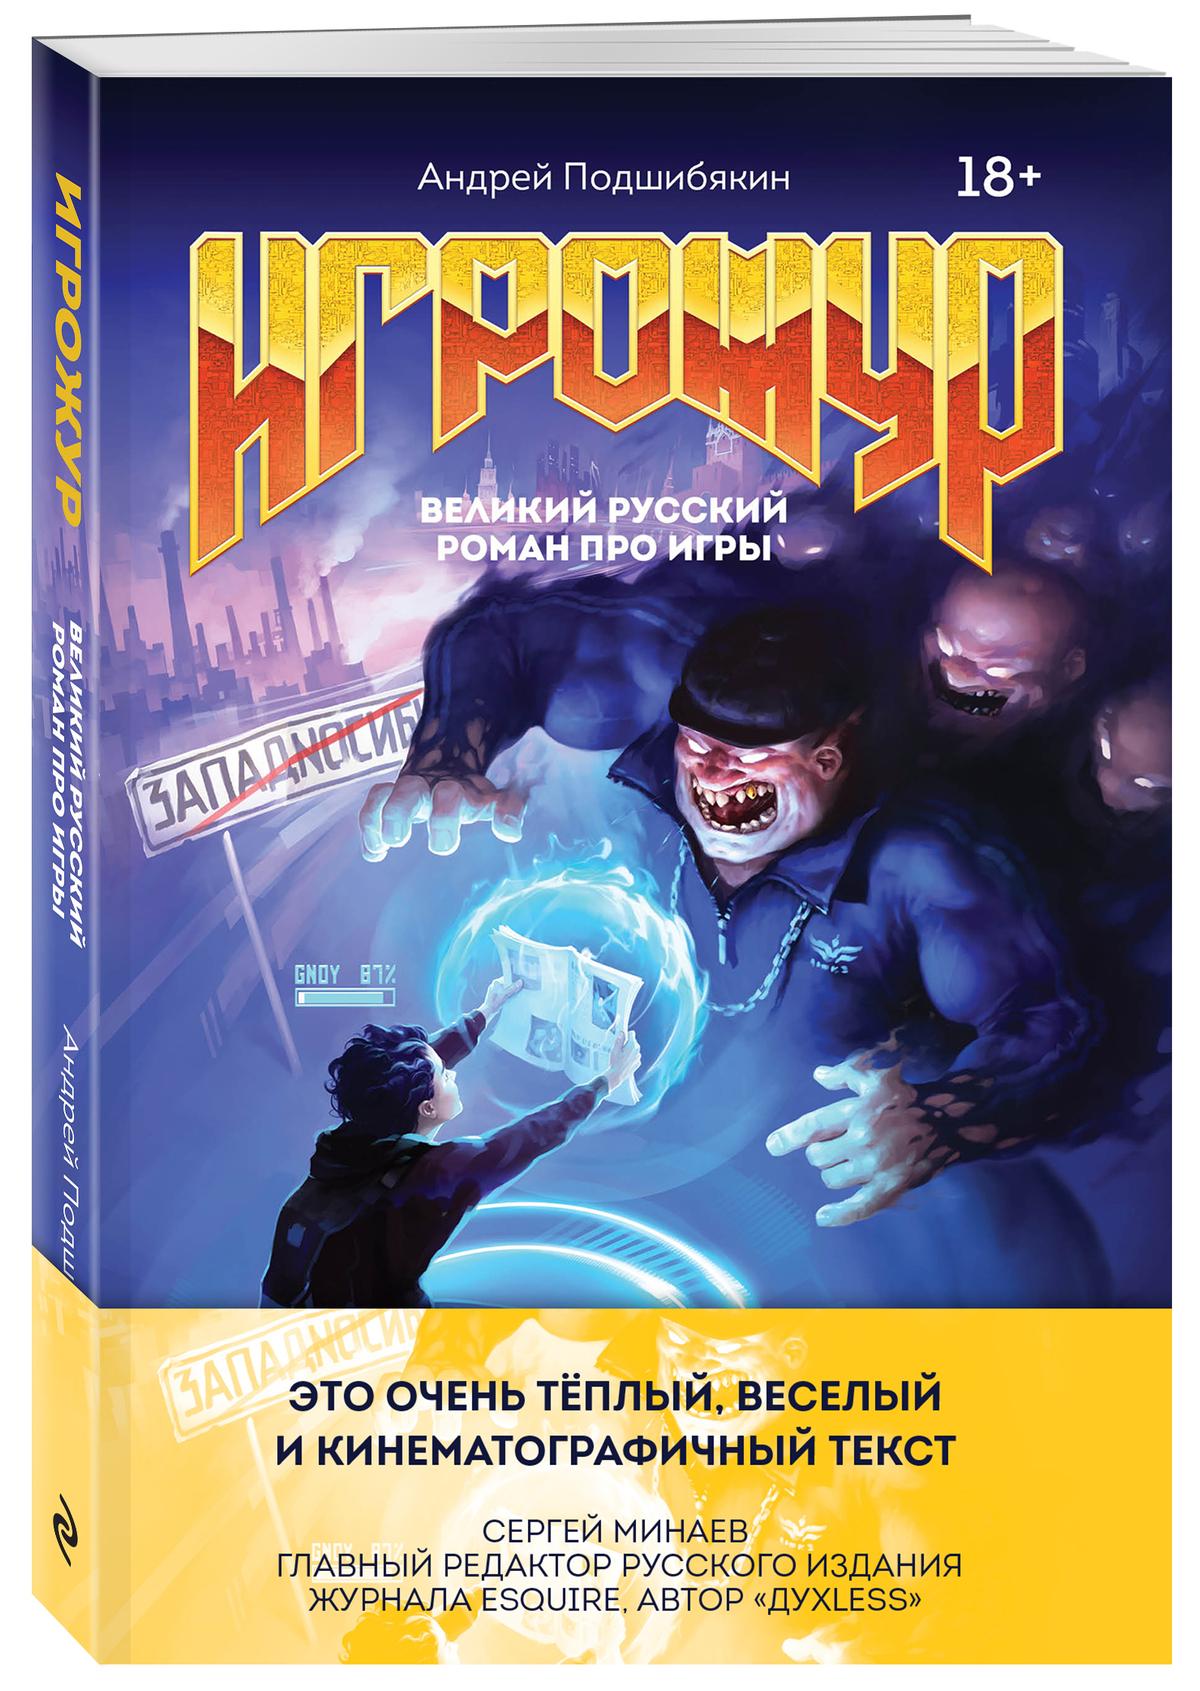 В конце марта выходит книга Игрожур. Великий русский роман про игры